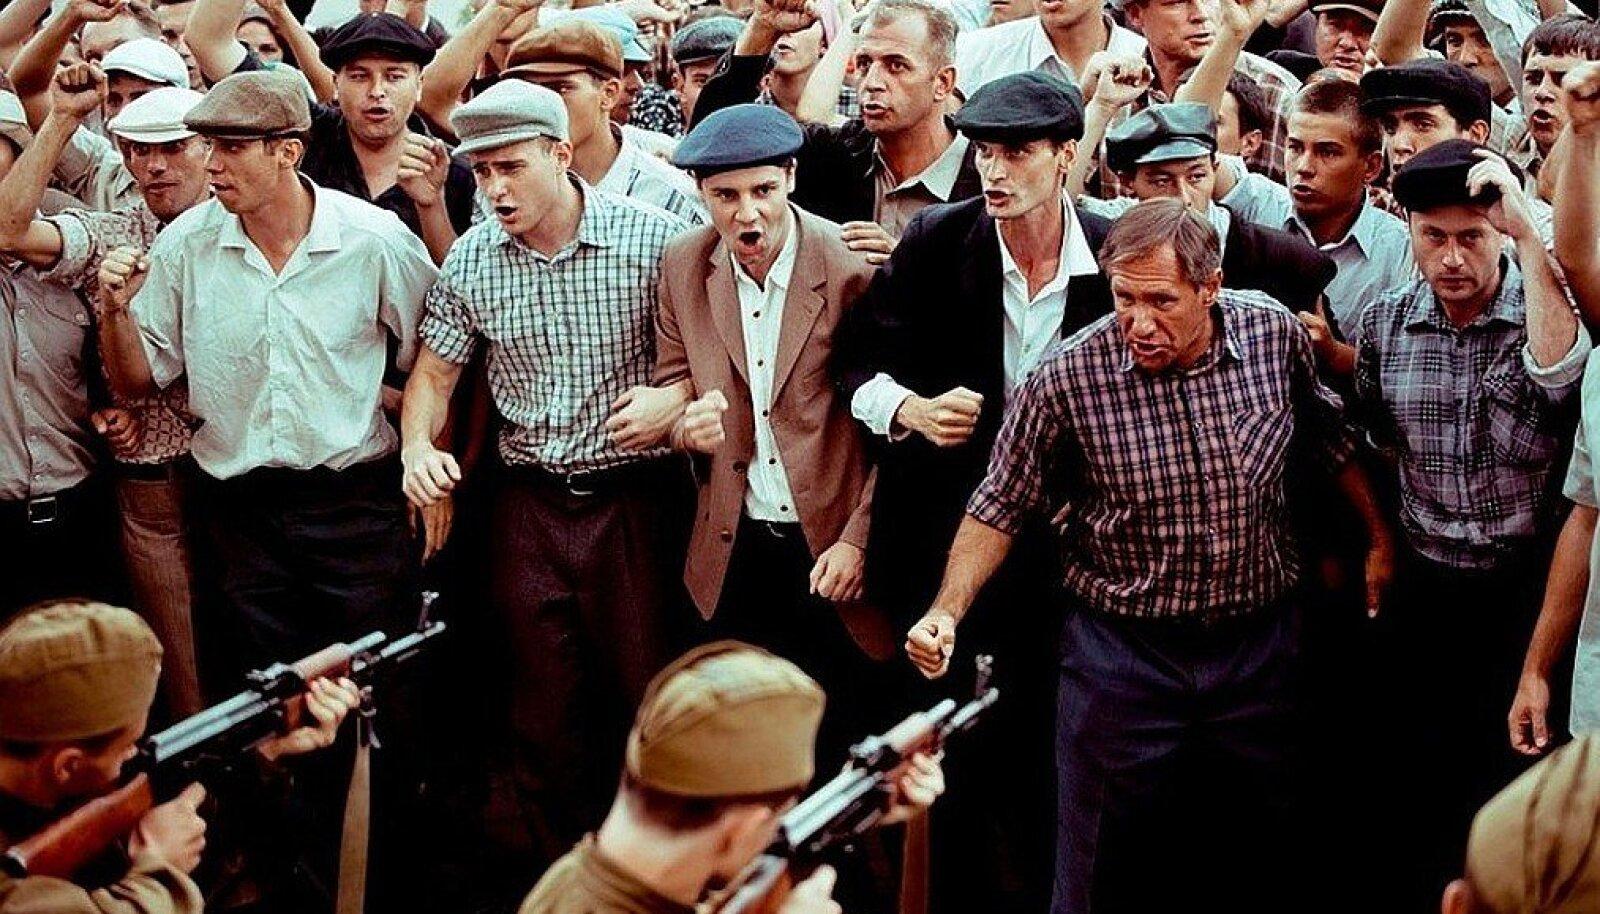 Nõukogude Liidus polnud peale 1962. aasta streiki Novotšerkasskis midagi Pärnu sündmustega võrreldavat toimunud.